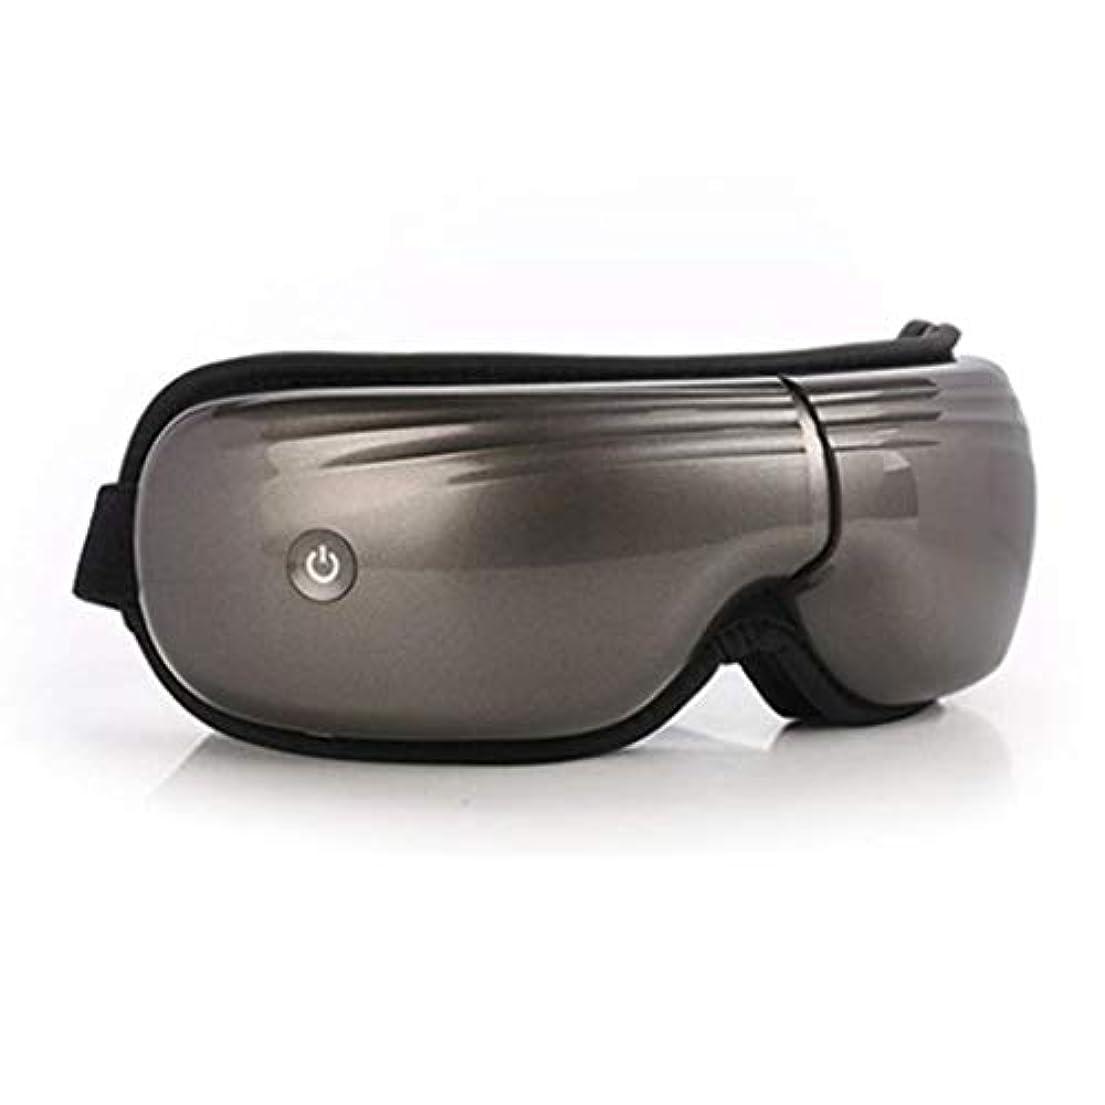 頂点待つアークアイマッサージアイマスク、アイマッサージャー、USB充電式ポータブルアイツール、ホットコンプレッションおよびフォールディングホーム、ダークサークルアイバッグおよびアイ疲労の改善、いつでも、いつでも持ち運びが簡単